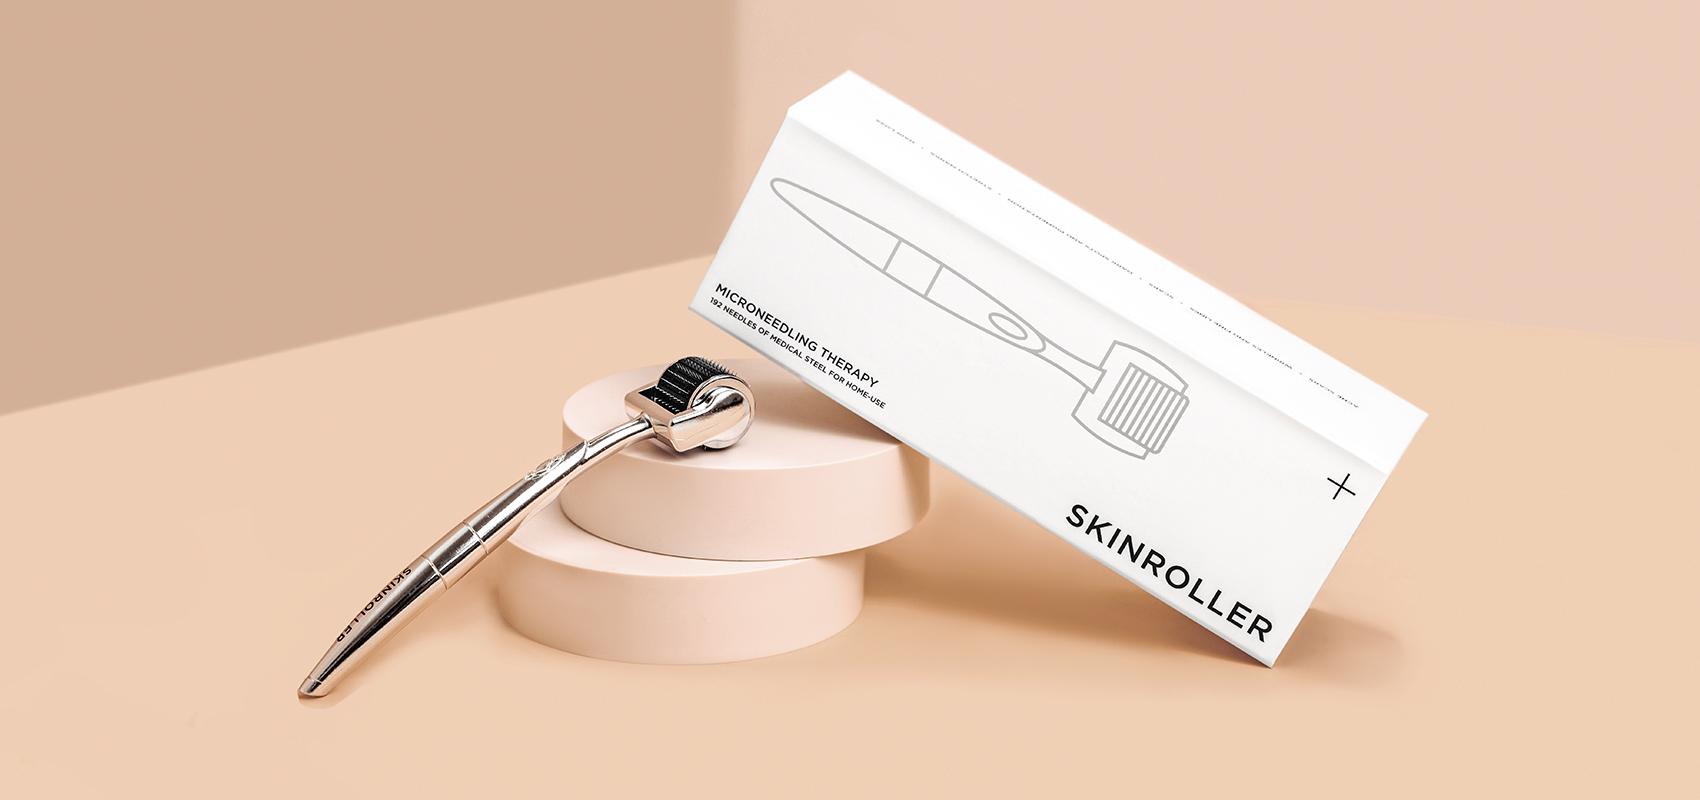 slider-image-https://www.skinroller.se/image/5623/1700x800px_v3_kroppsvard2_2.jpg